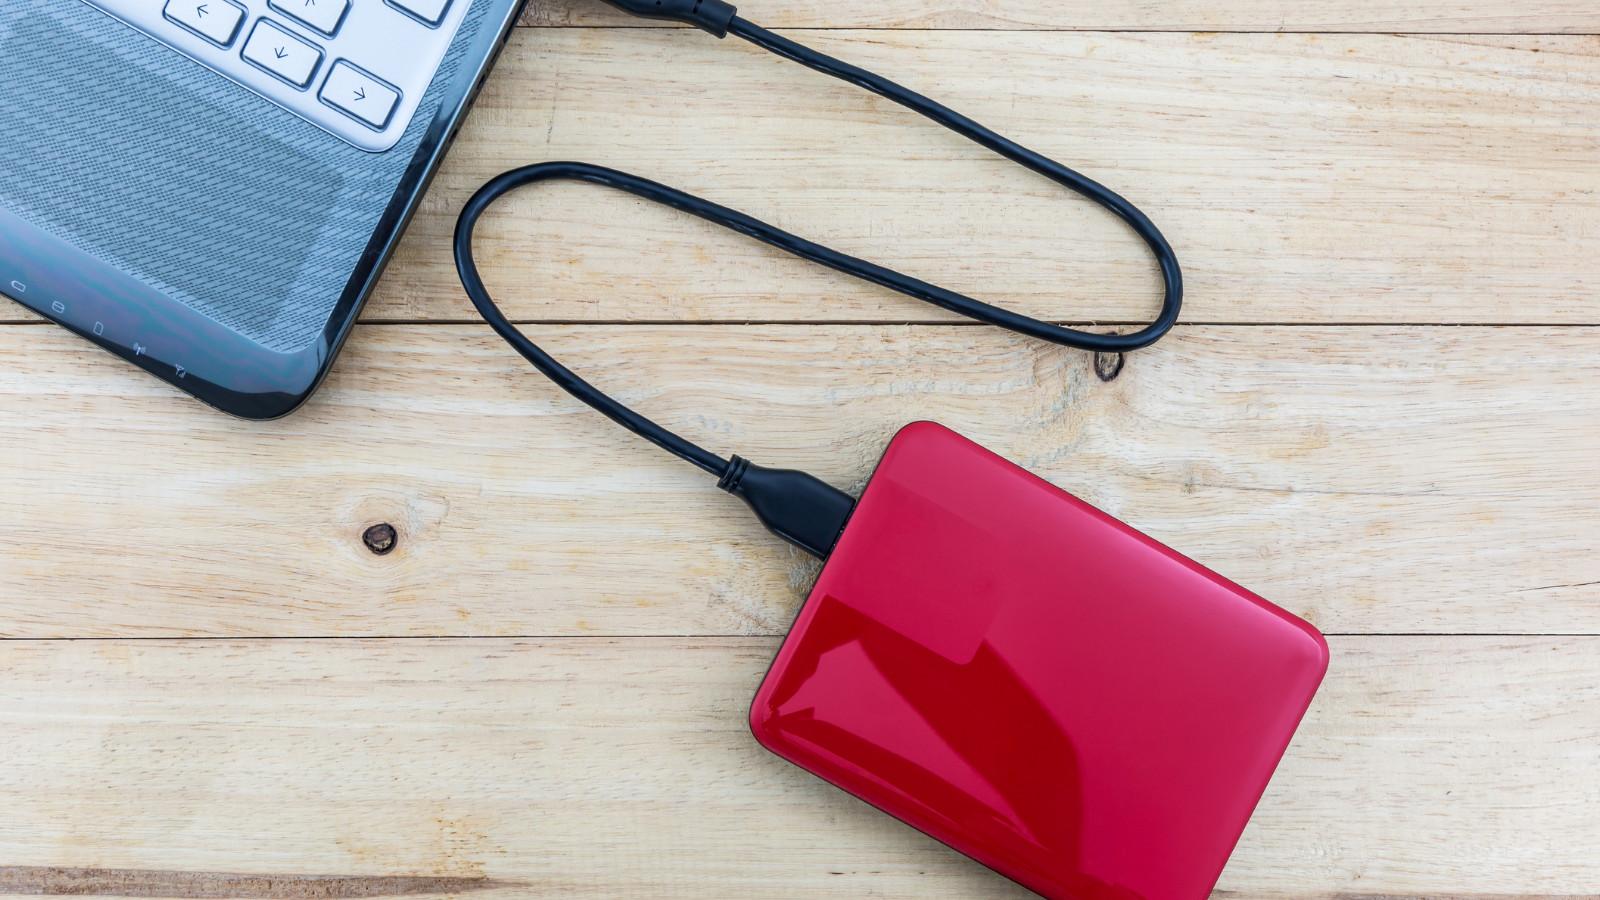 Externe Festplatte angeschlossen am Laptop